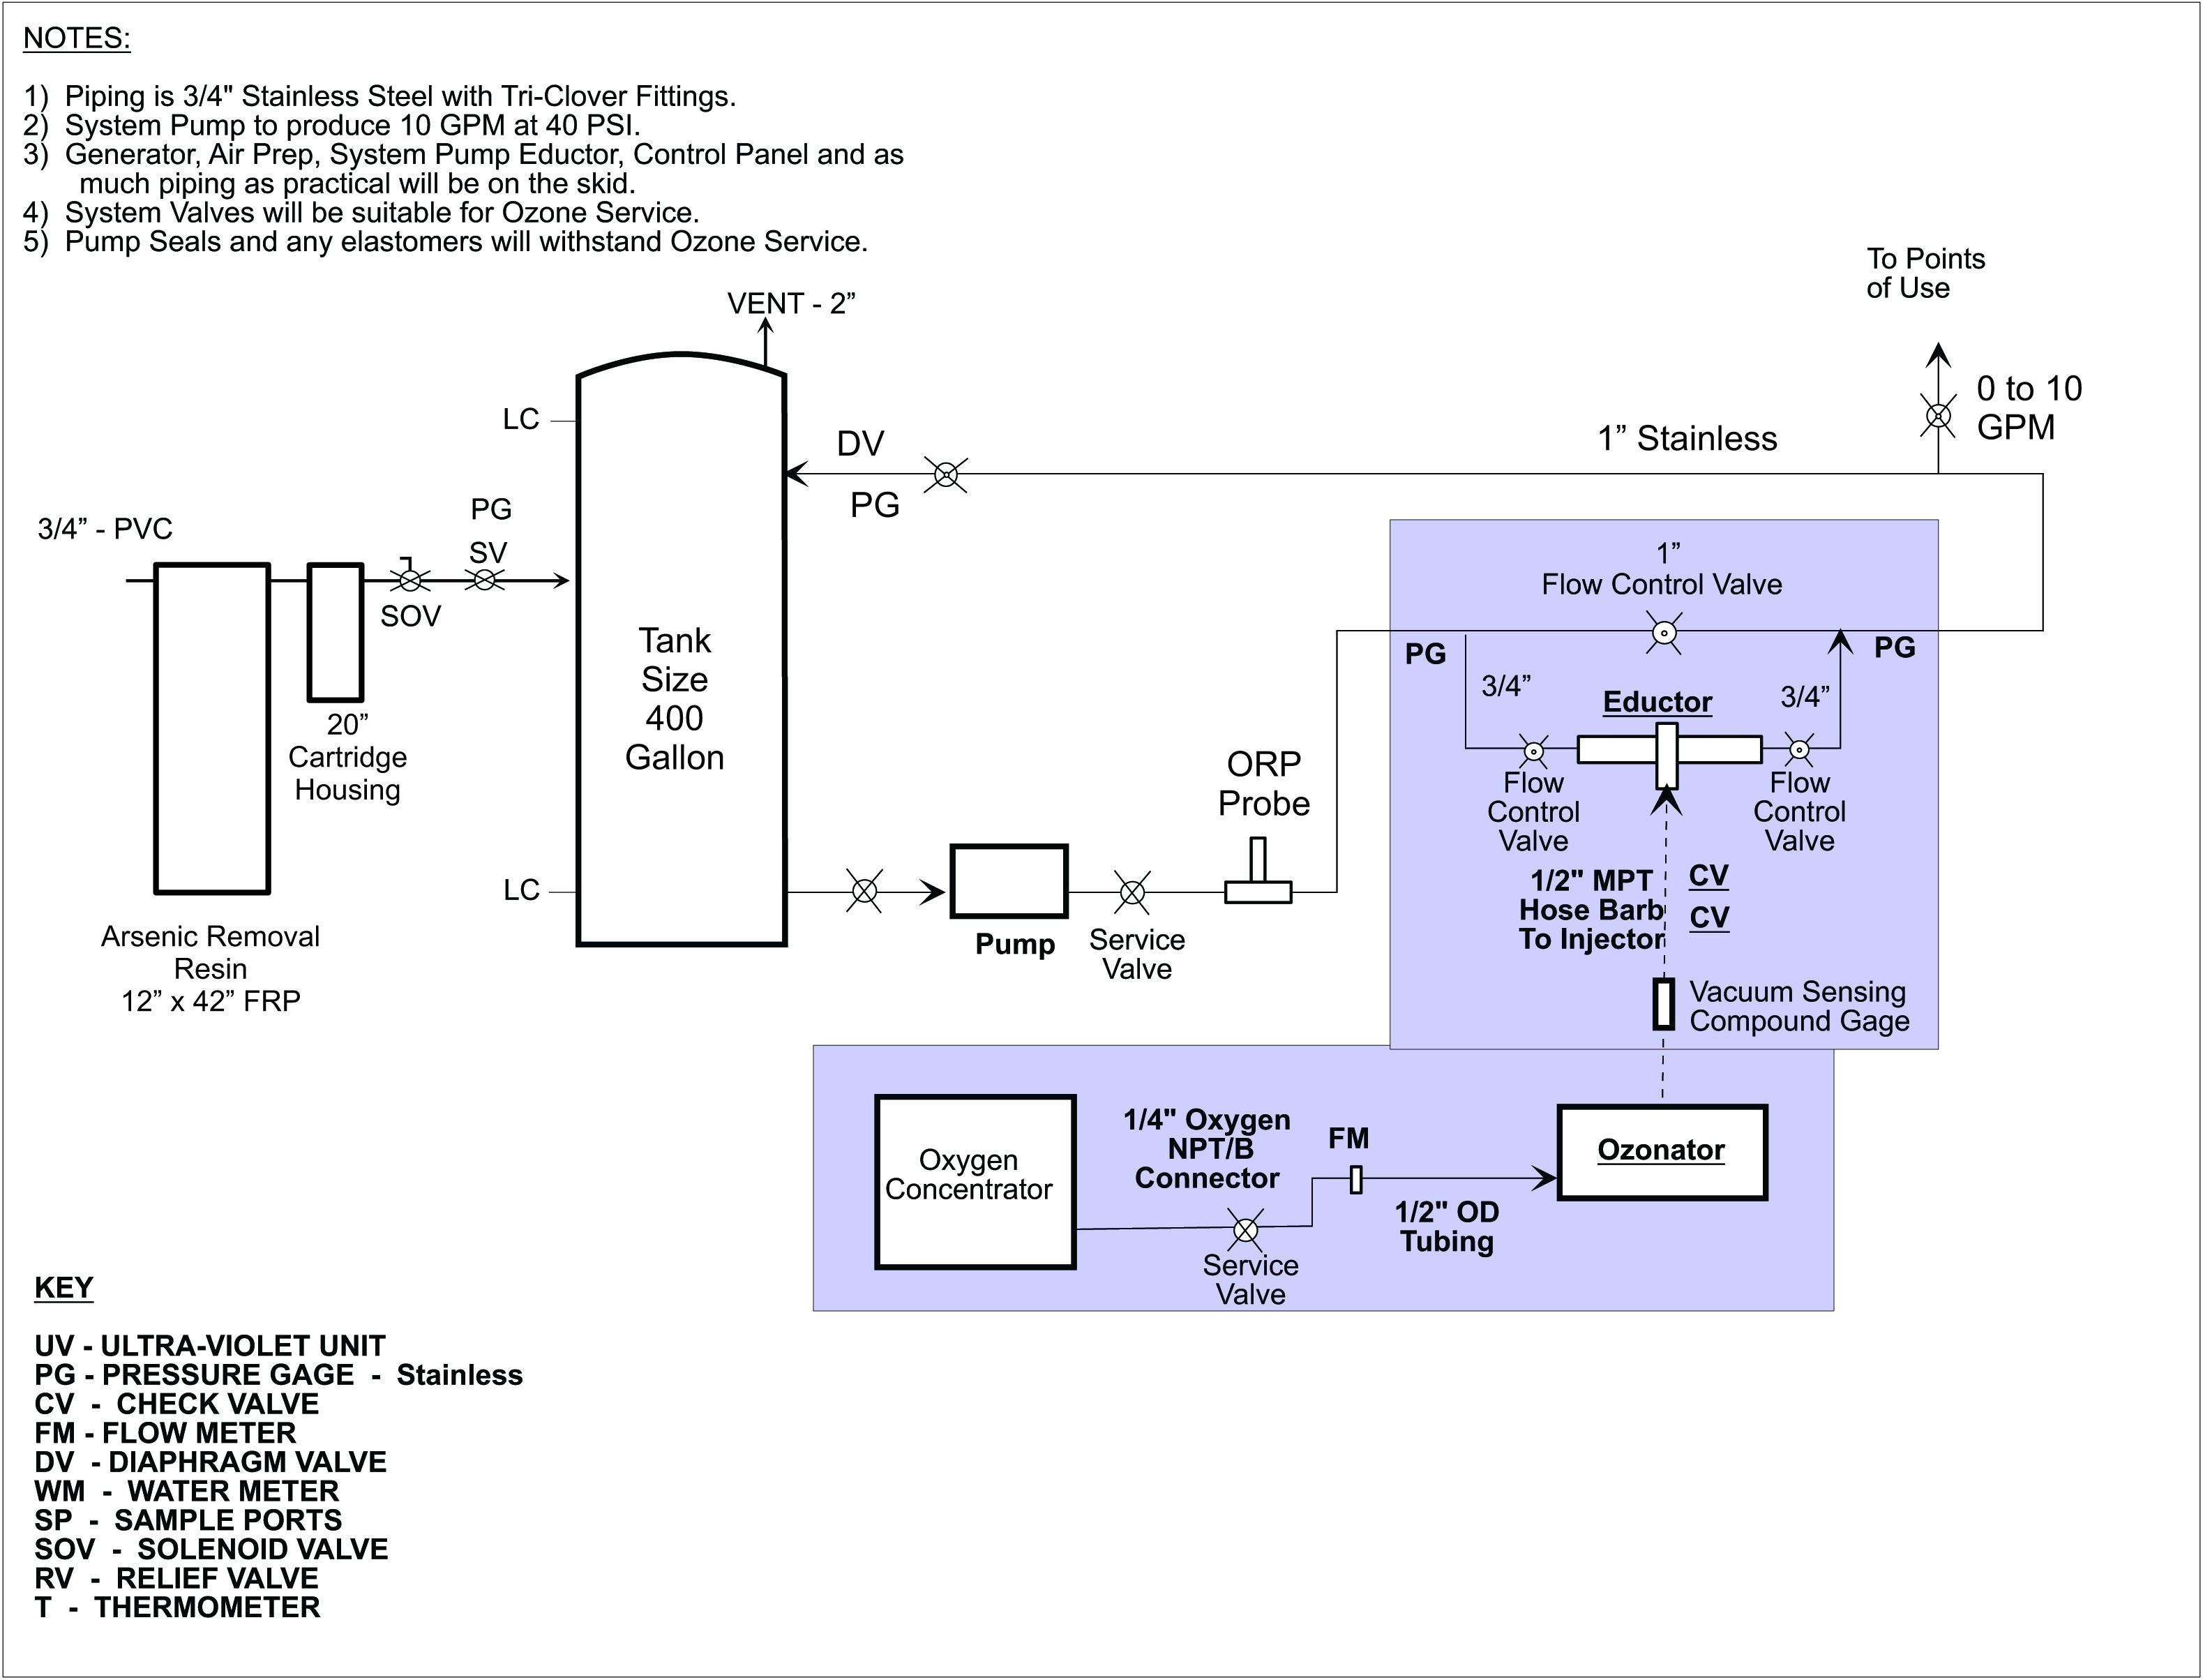 briggs and stratton voltage regulator wiring diagram best of 10 5 hp briggs and stratton voltage